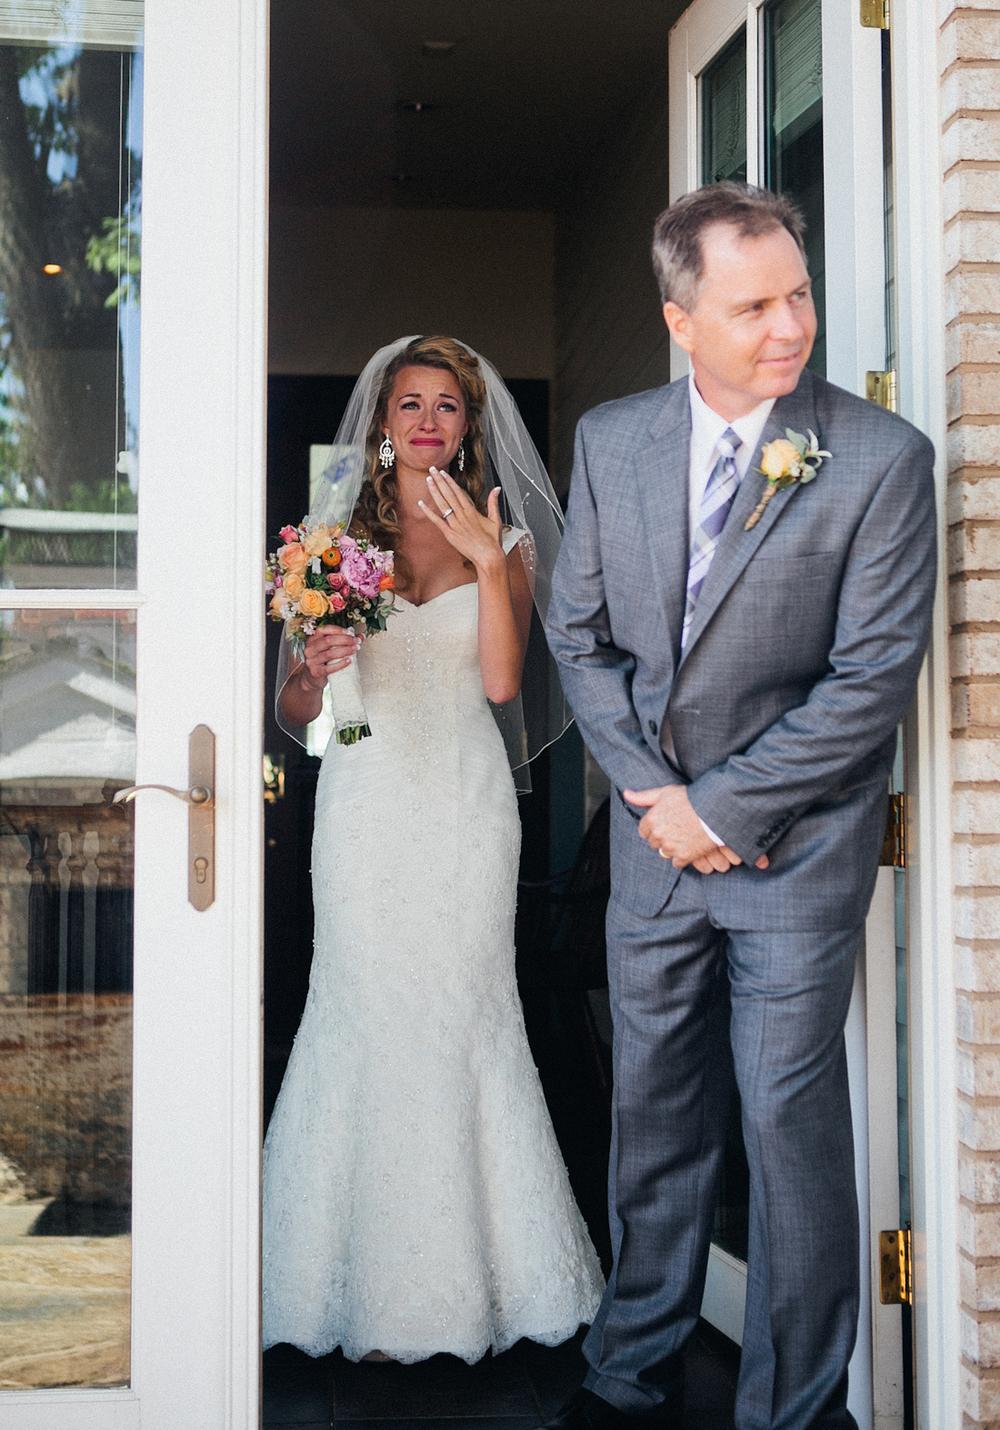 becca_nick_maryland_wedding_photographer_walkers_overlook_wedding_photography45of166.jpg~original.jpeg